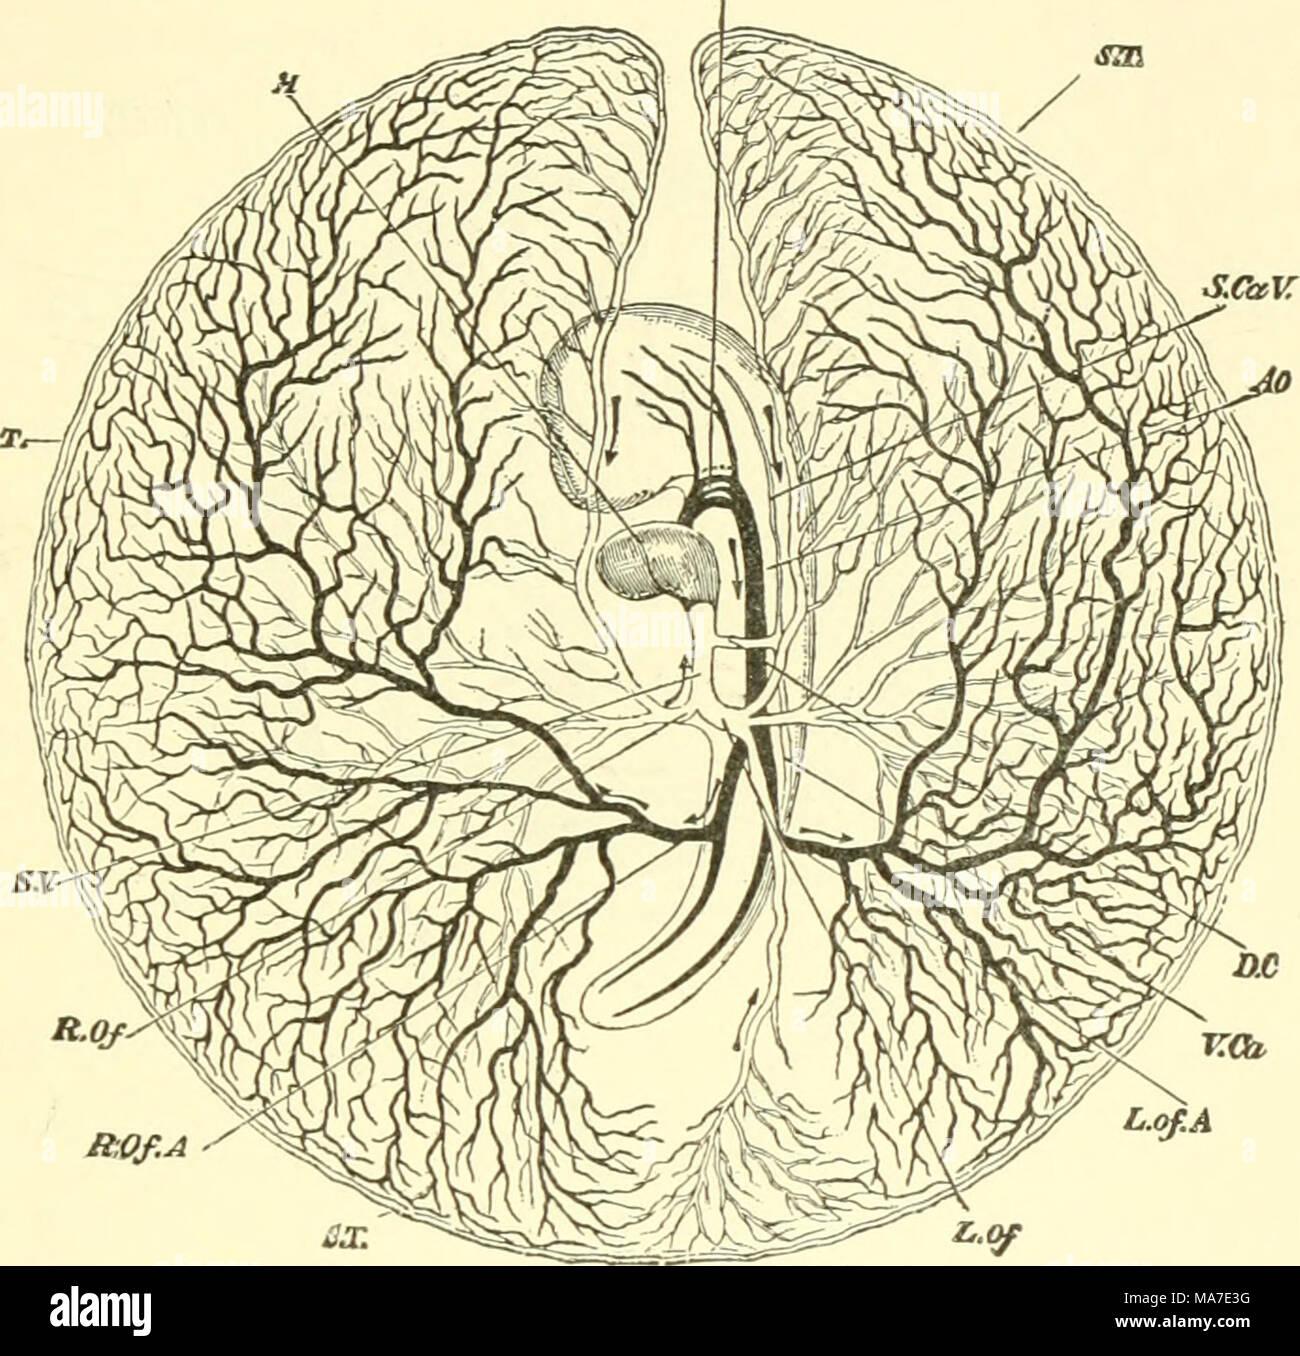 Ziemlich Distal In Der Anatomie Fotos - Anatomie Ideen - finotti.info